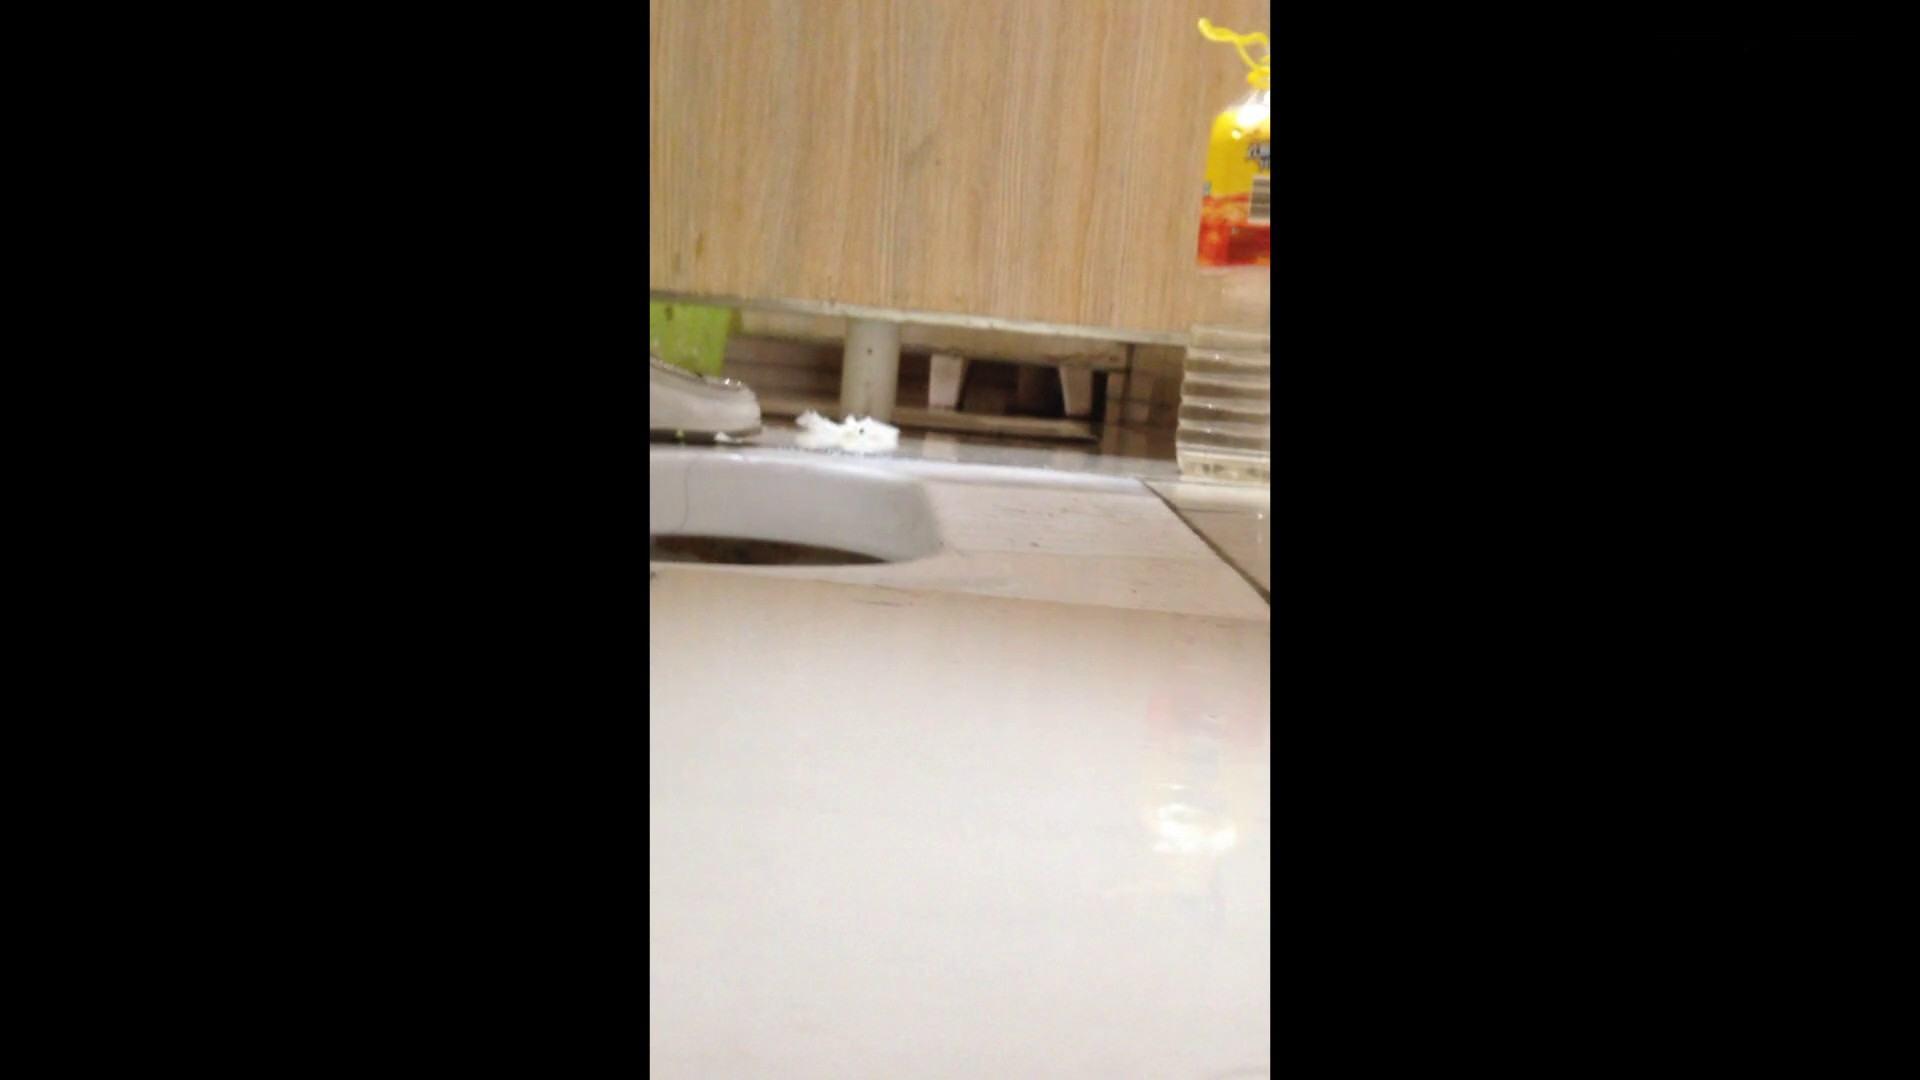 芸術大学ガチ潜入盗撮 JD盗撮 美女の洗面所の秘密 Vol.87 トイレ盗撮 オマンコ動画キャプチャ 110枚 83